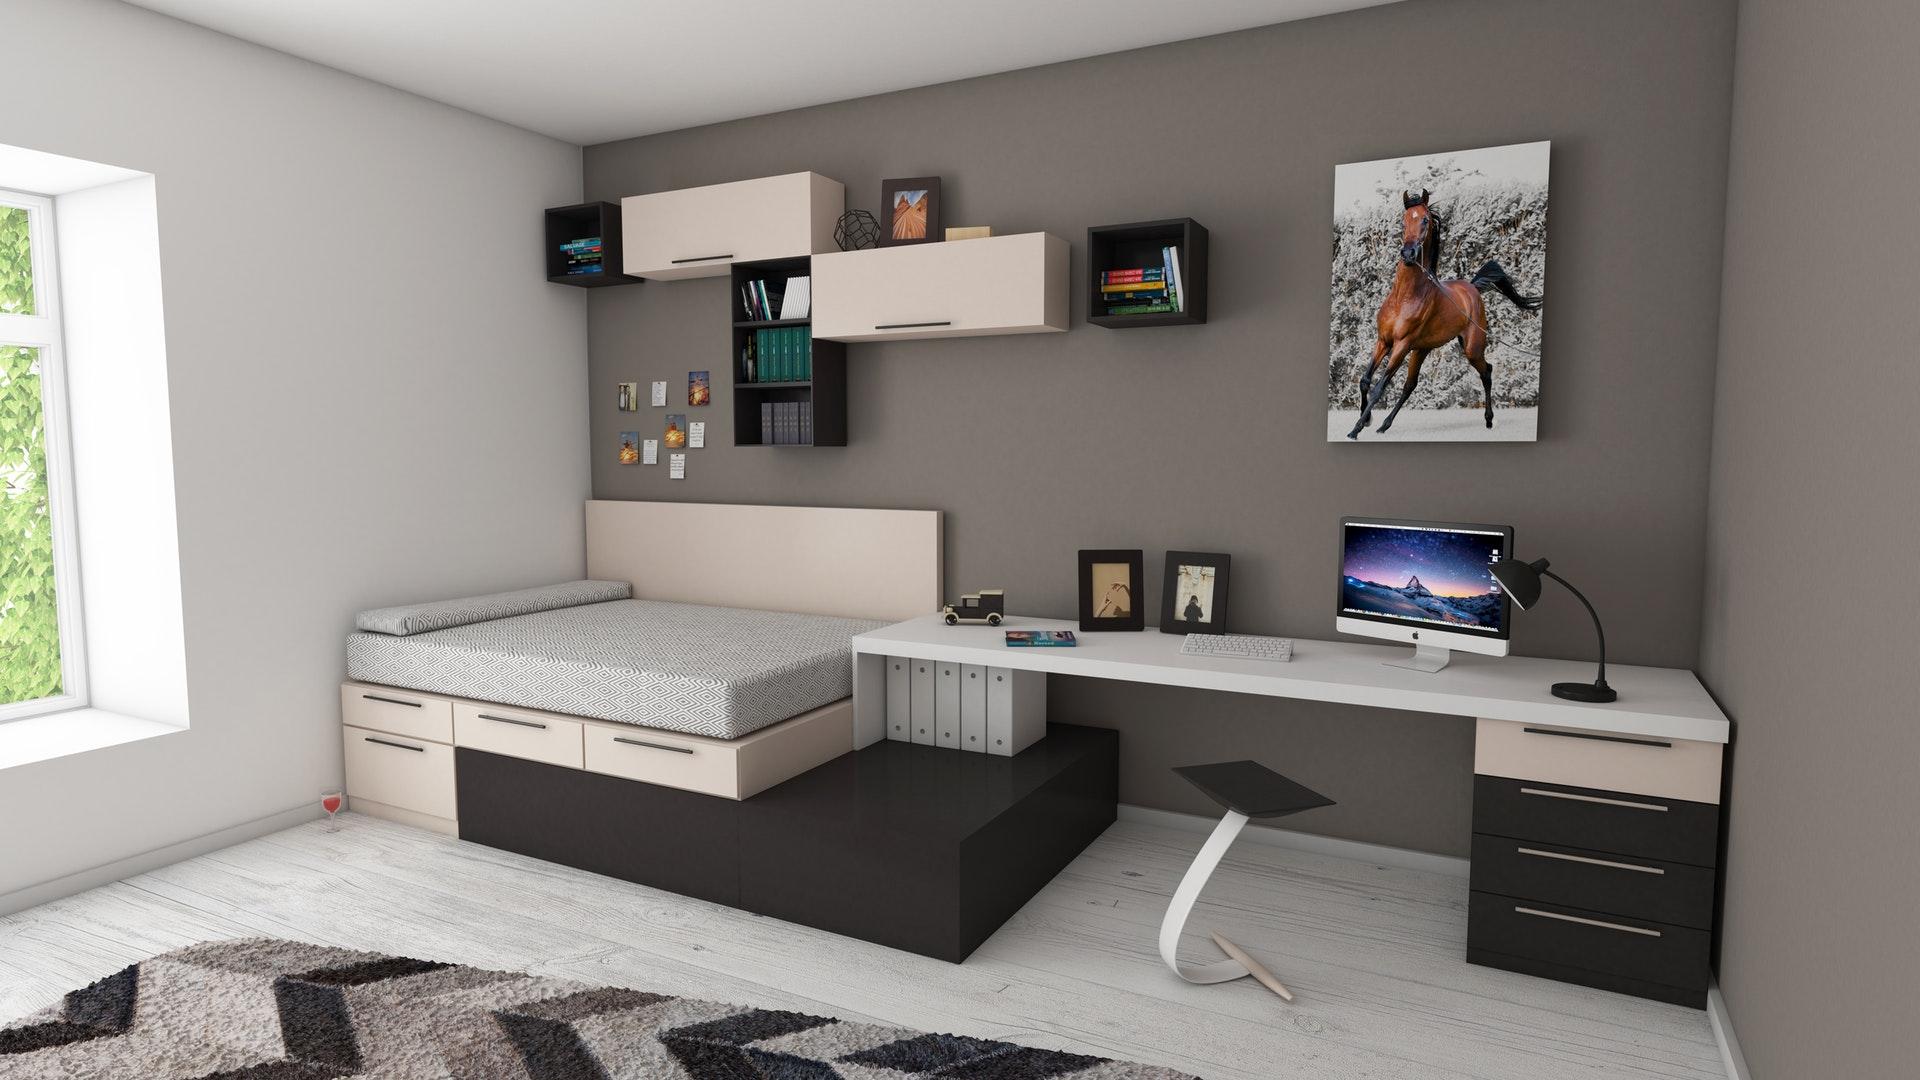 Praktisk indretning kan sagtens være stilfuld